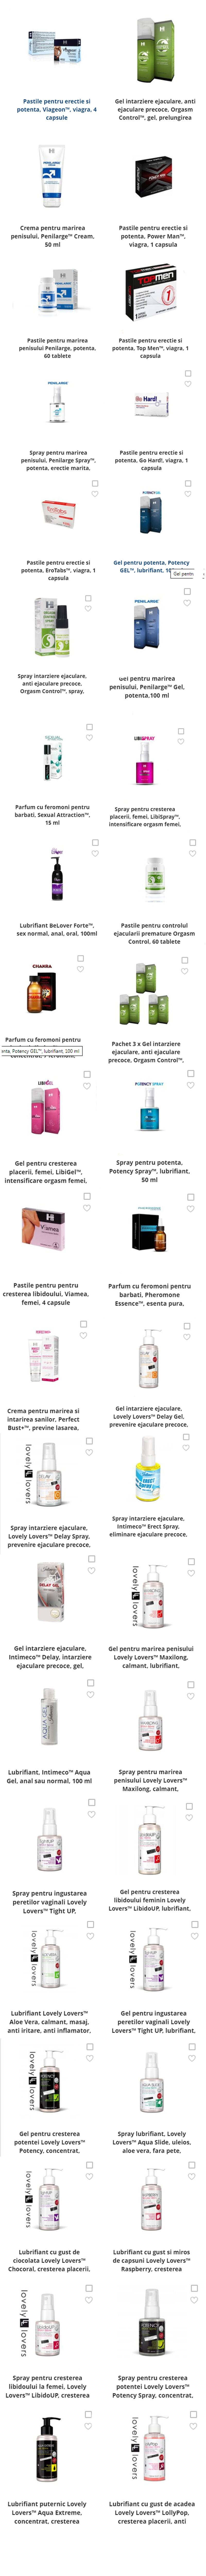 Fără pastile. Dieta pentru creşterea potenţei sexuale | alaskanmalamutes.ro